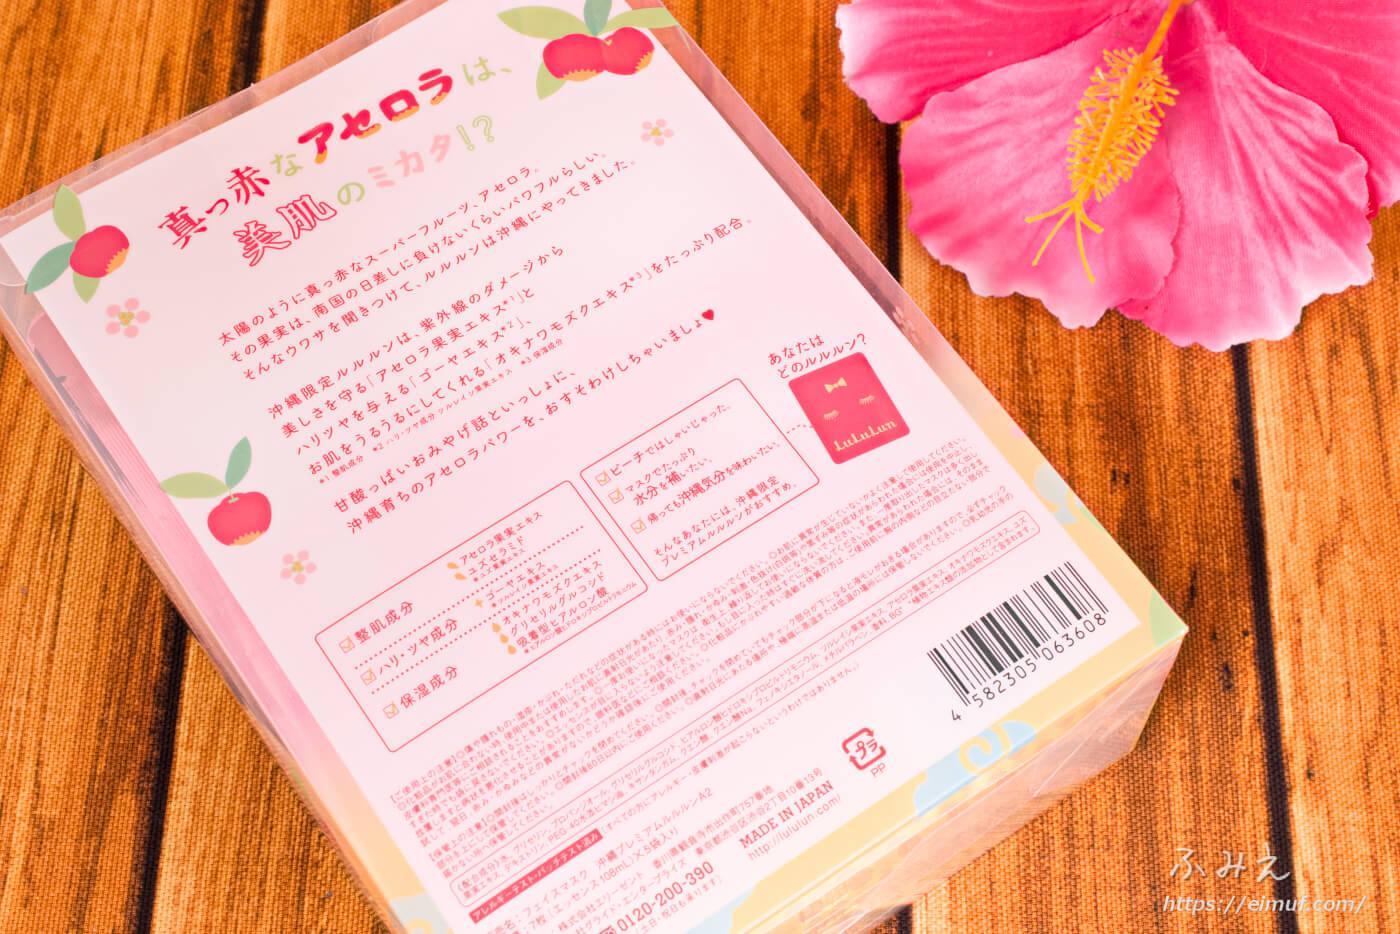 沖縄のプレミアムルルルン(アセロラの香り) 7枚入り5袋のパッケージ裏面